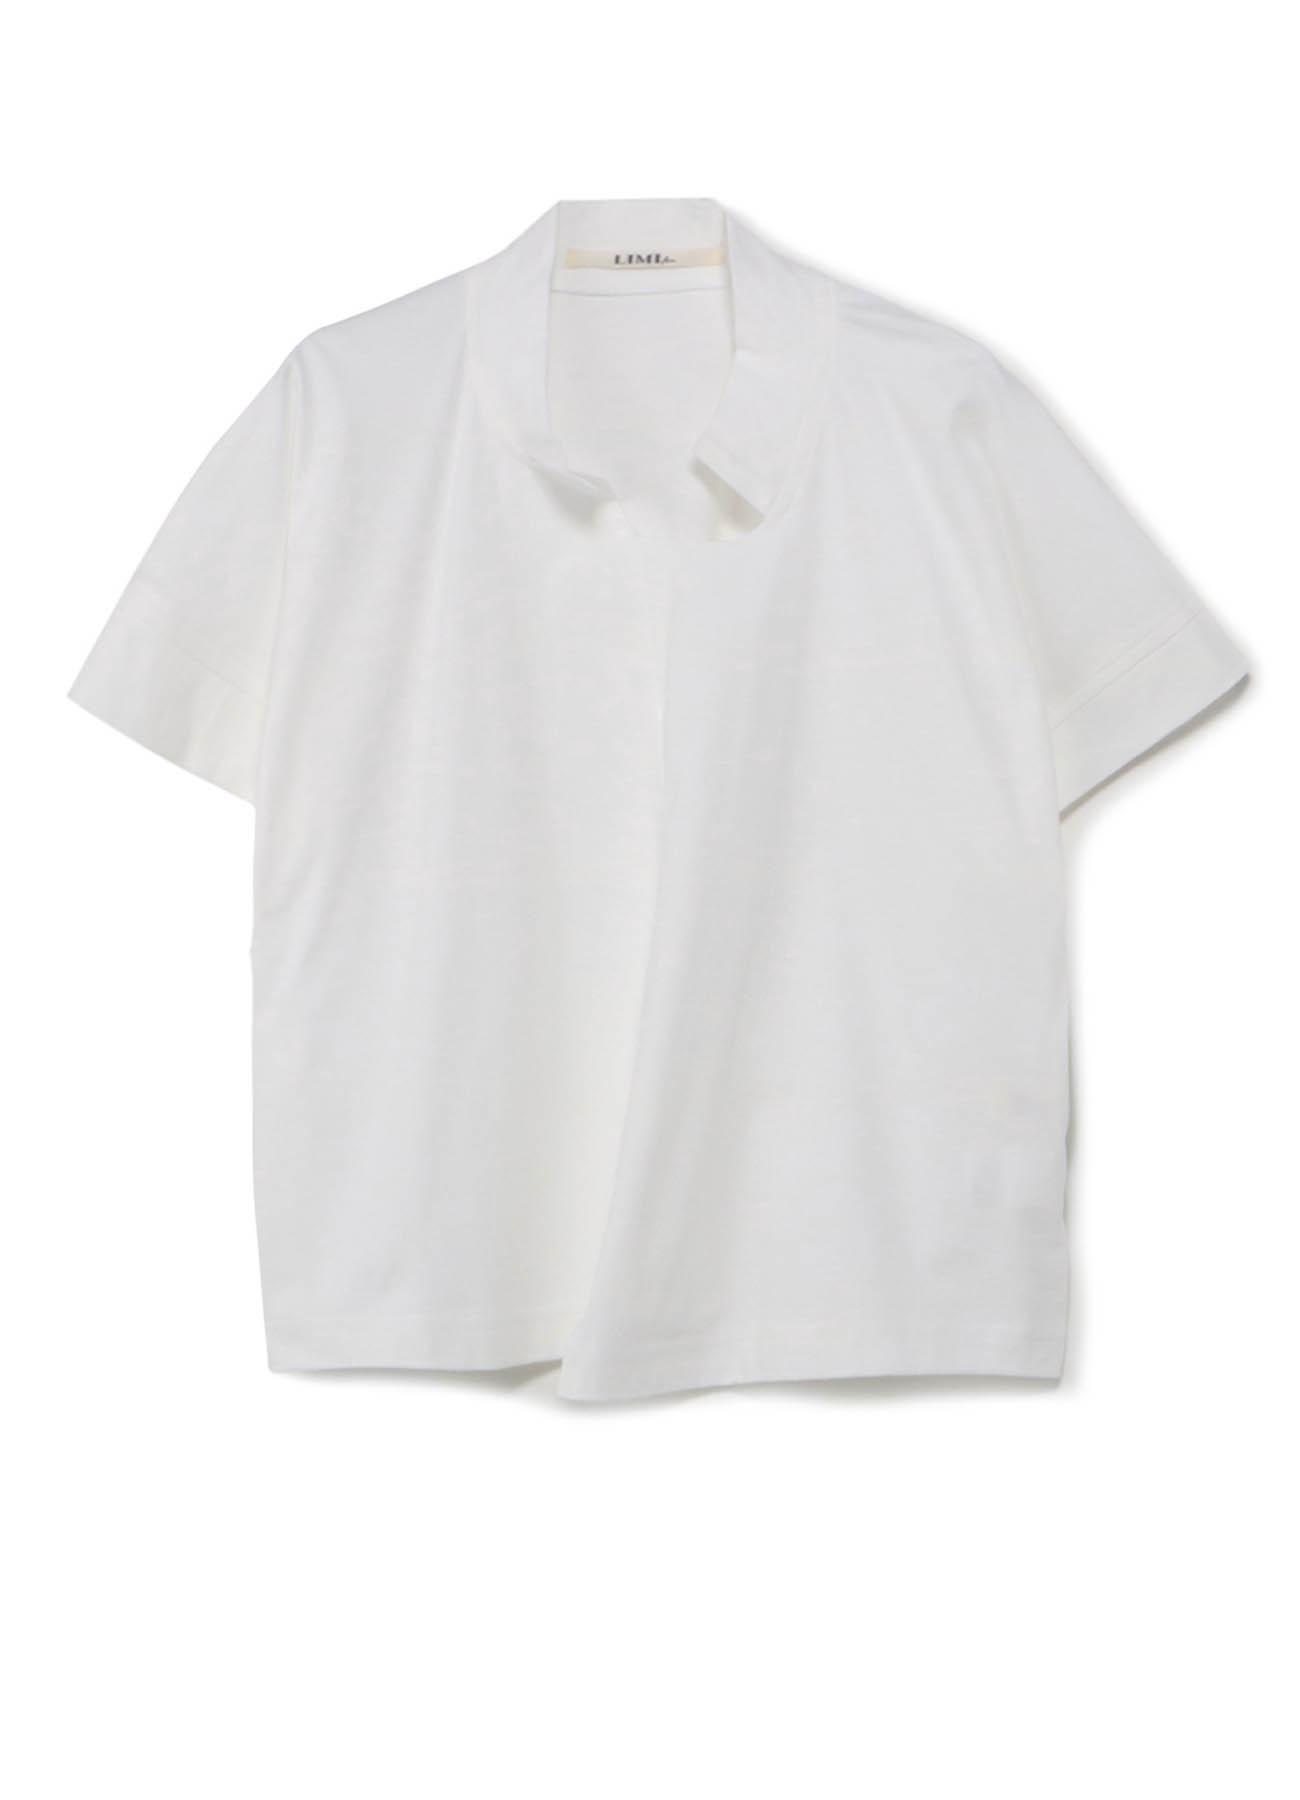 错位超短短袖T恤